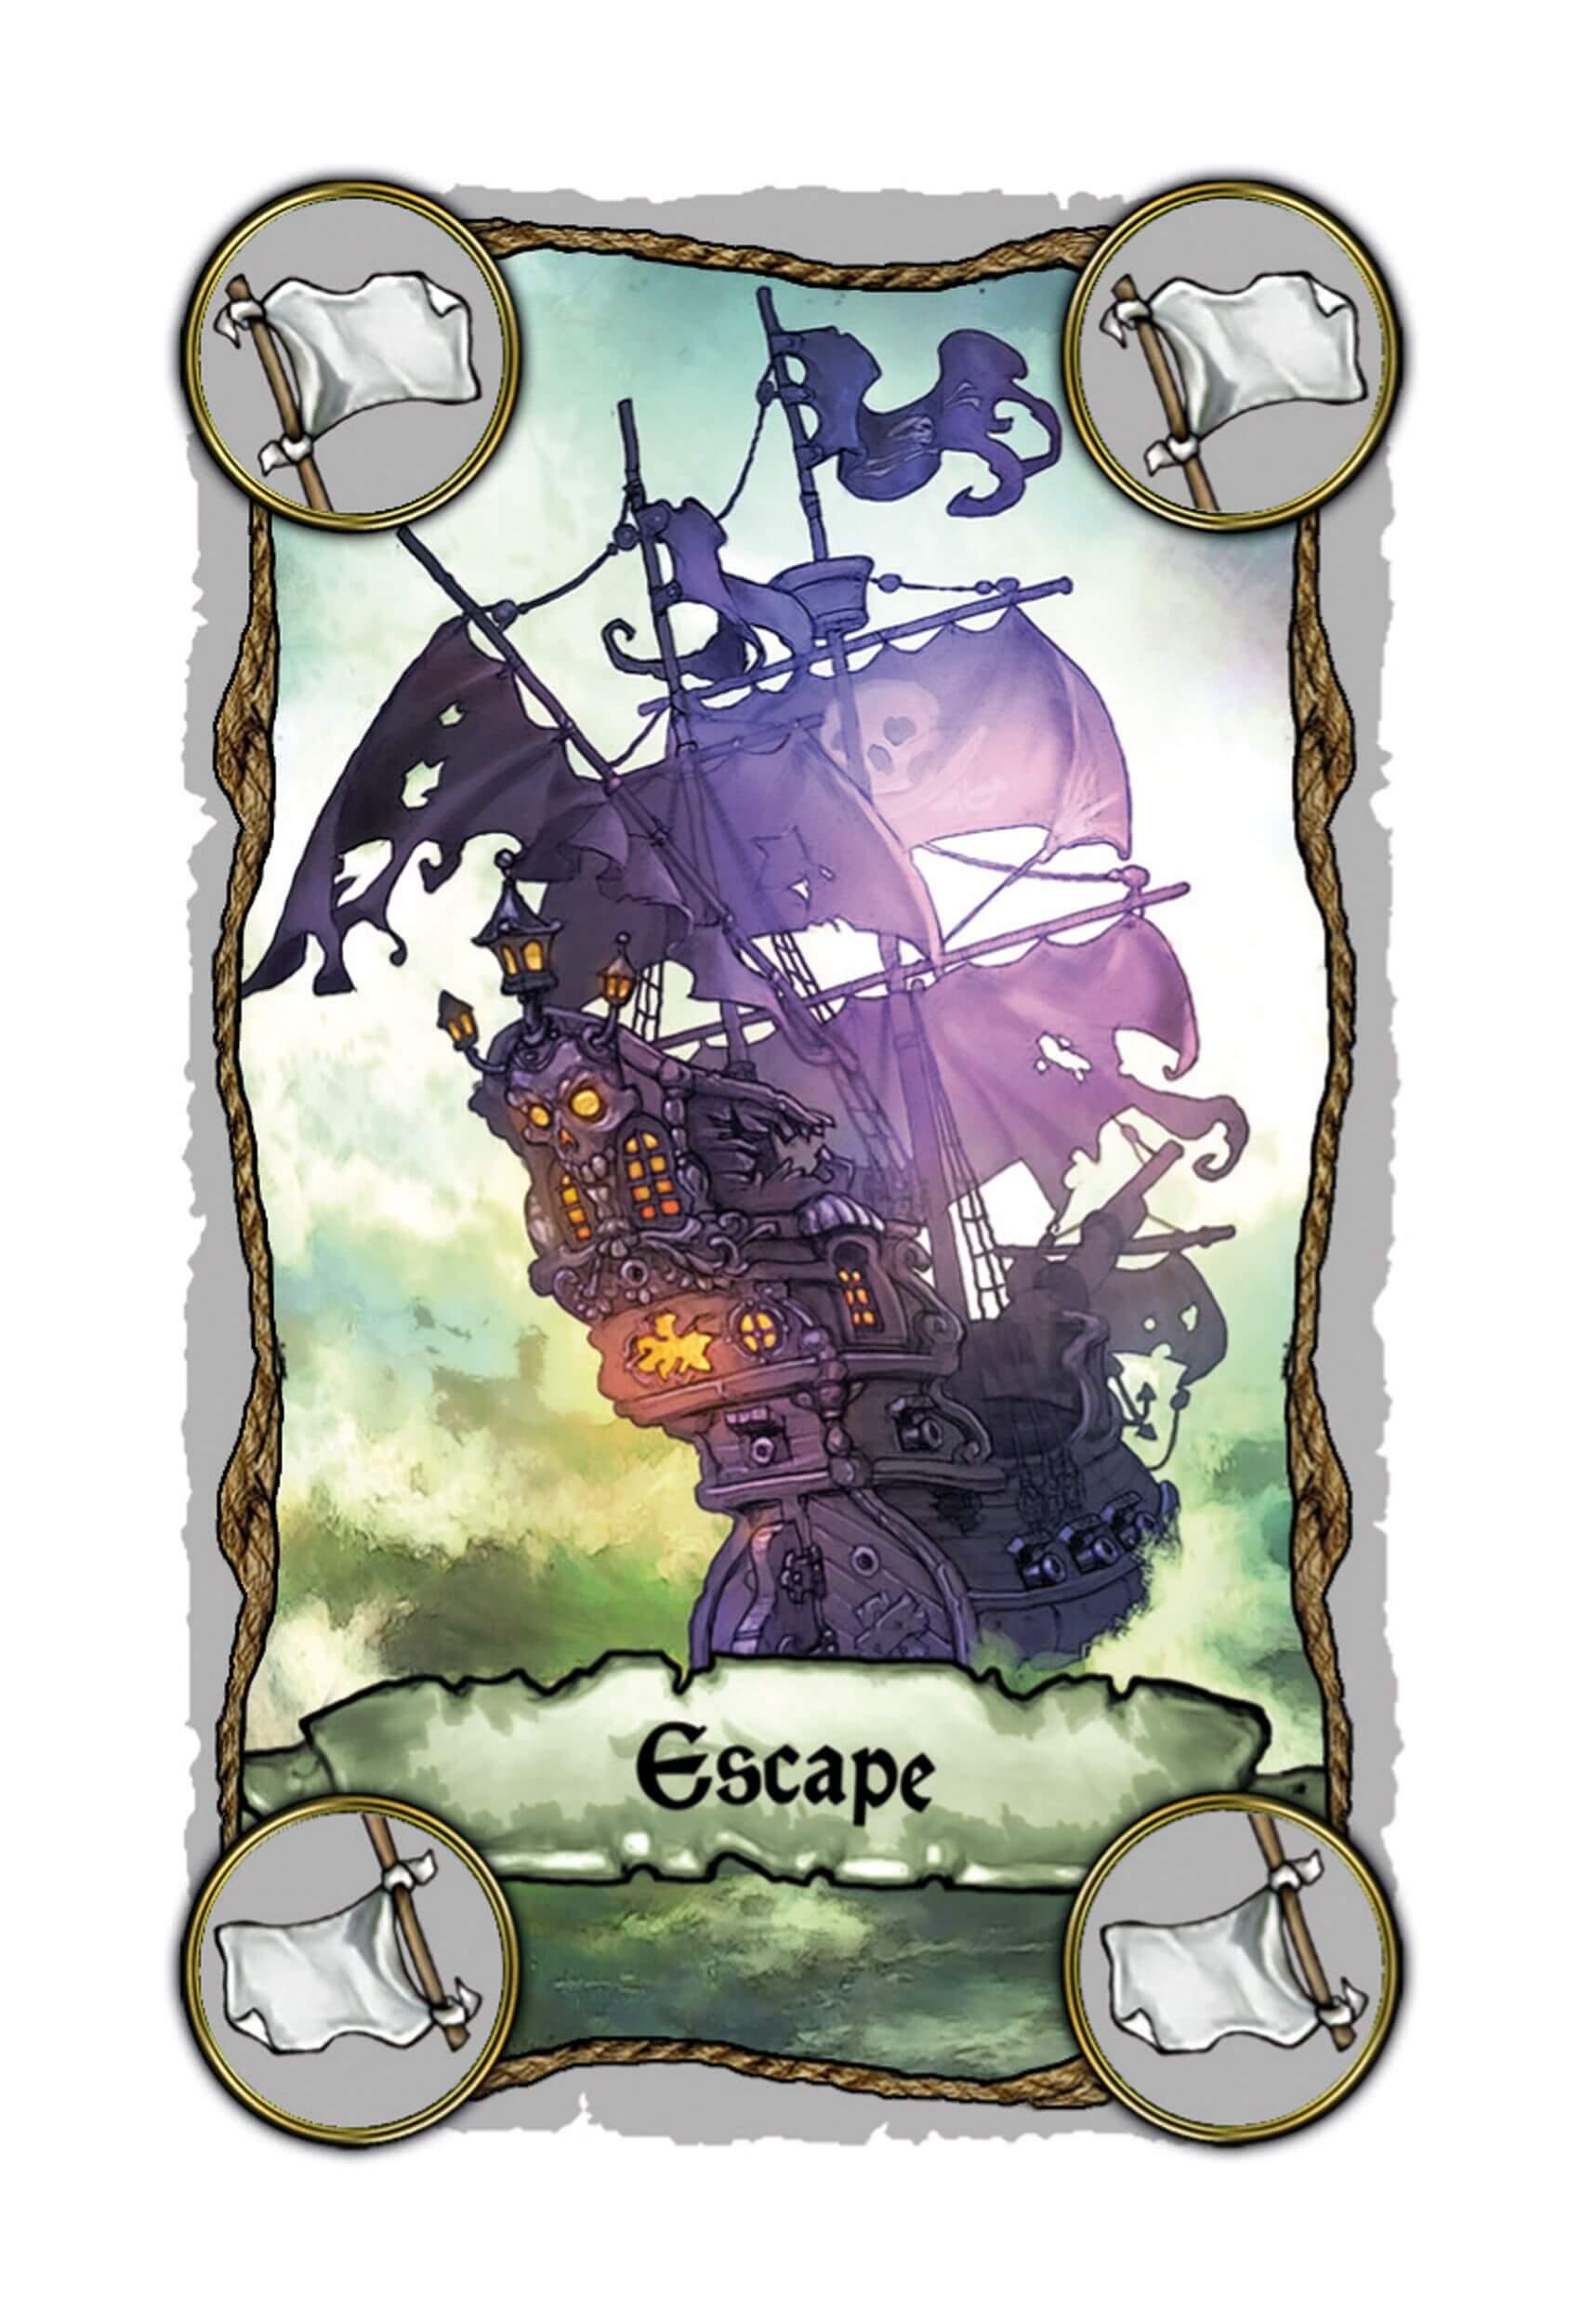 Escape-Karte - Lustiges Familienspiel mit Piraten- Skull King